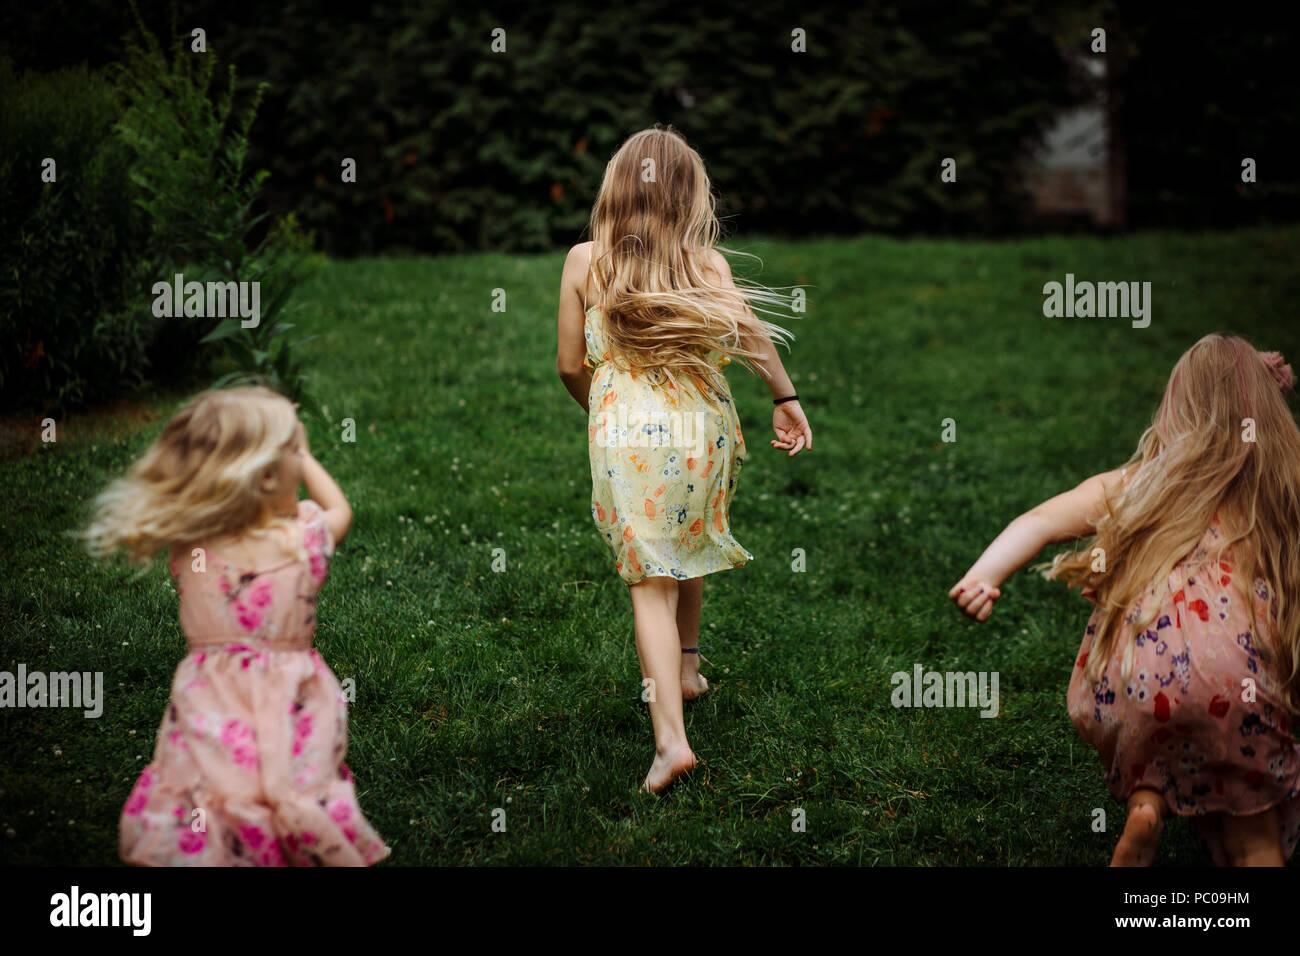 L'apparition de trois petites filles habillées en robe courir dans le parc Photo Stock